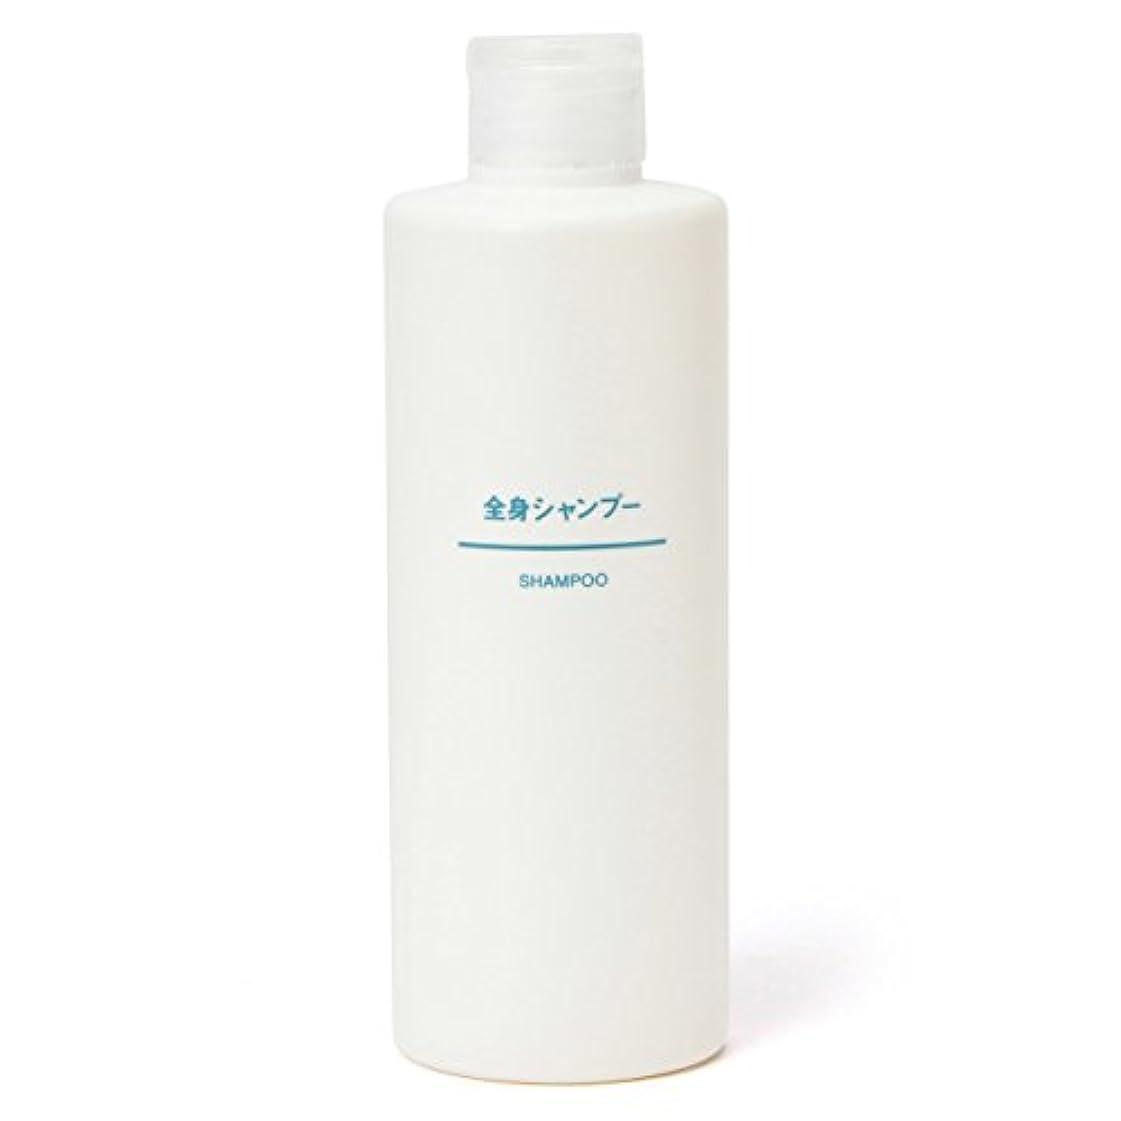 フィットビタミンテント無印良品 全身シャンプー 300ml 日本製